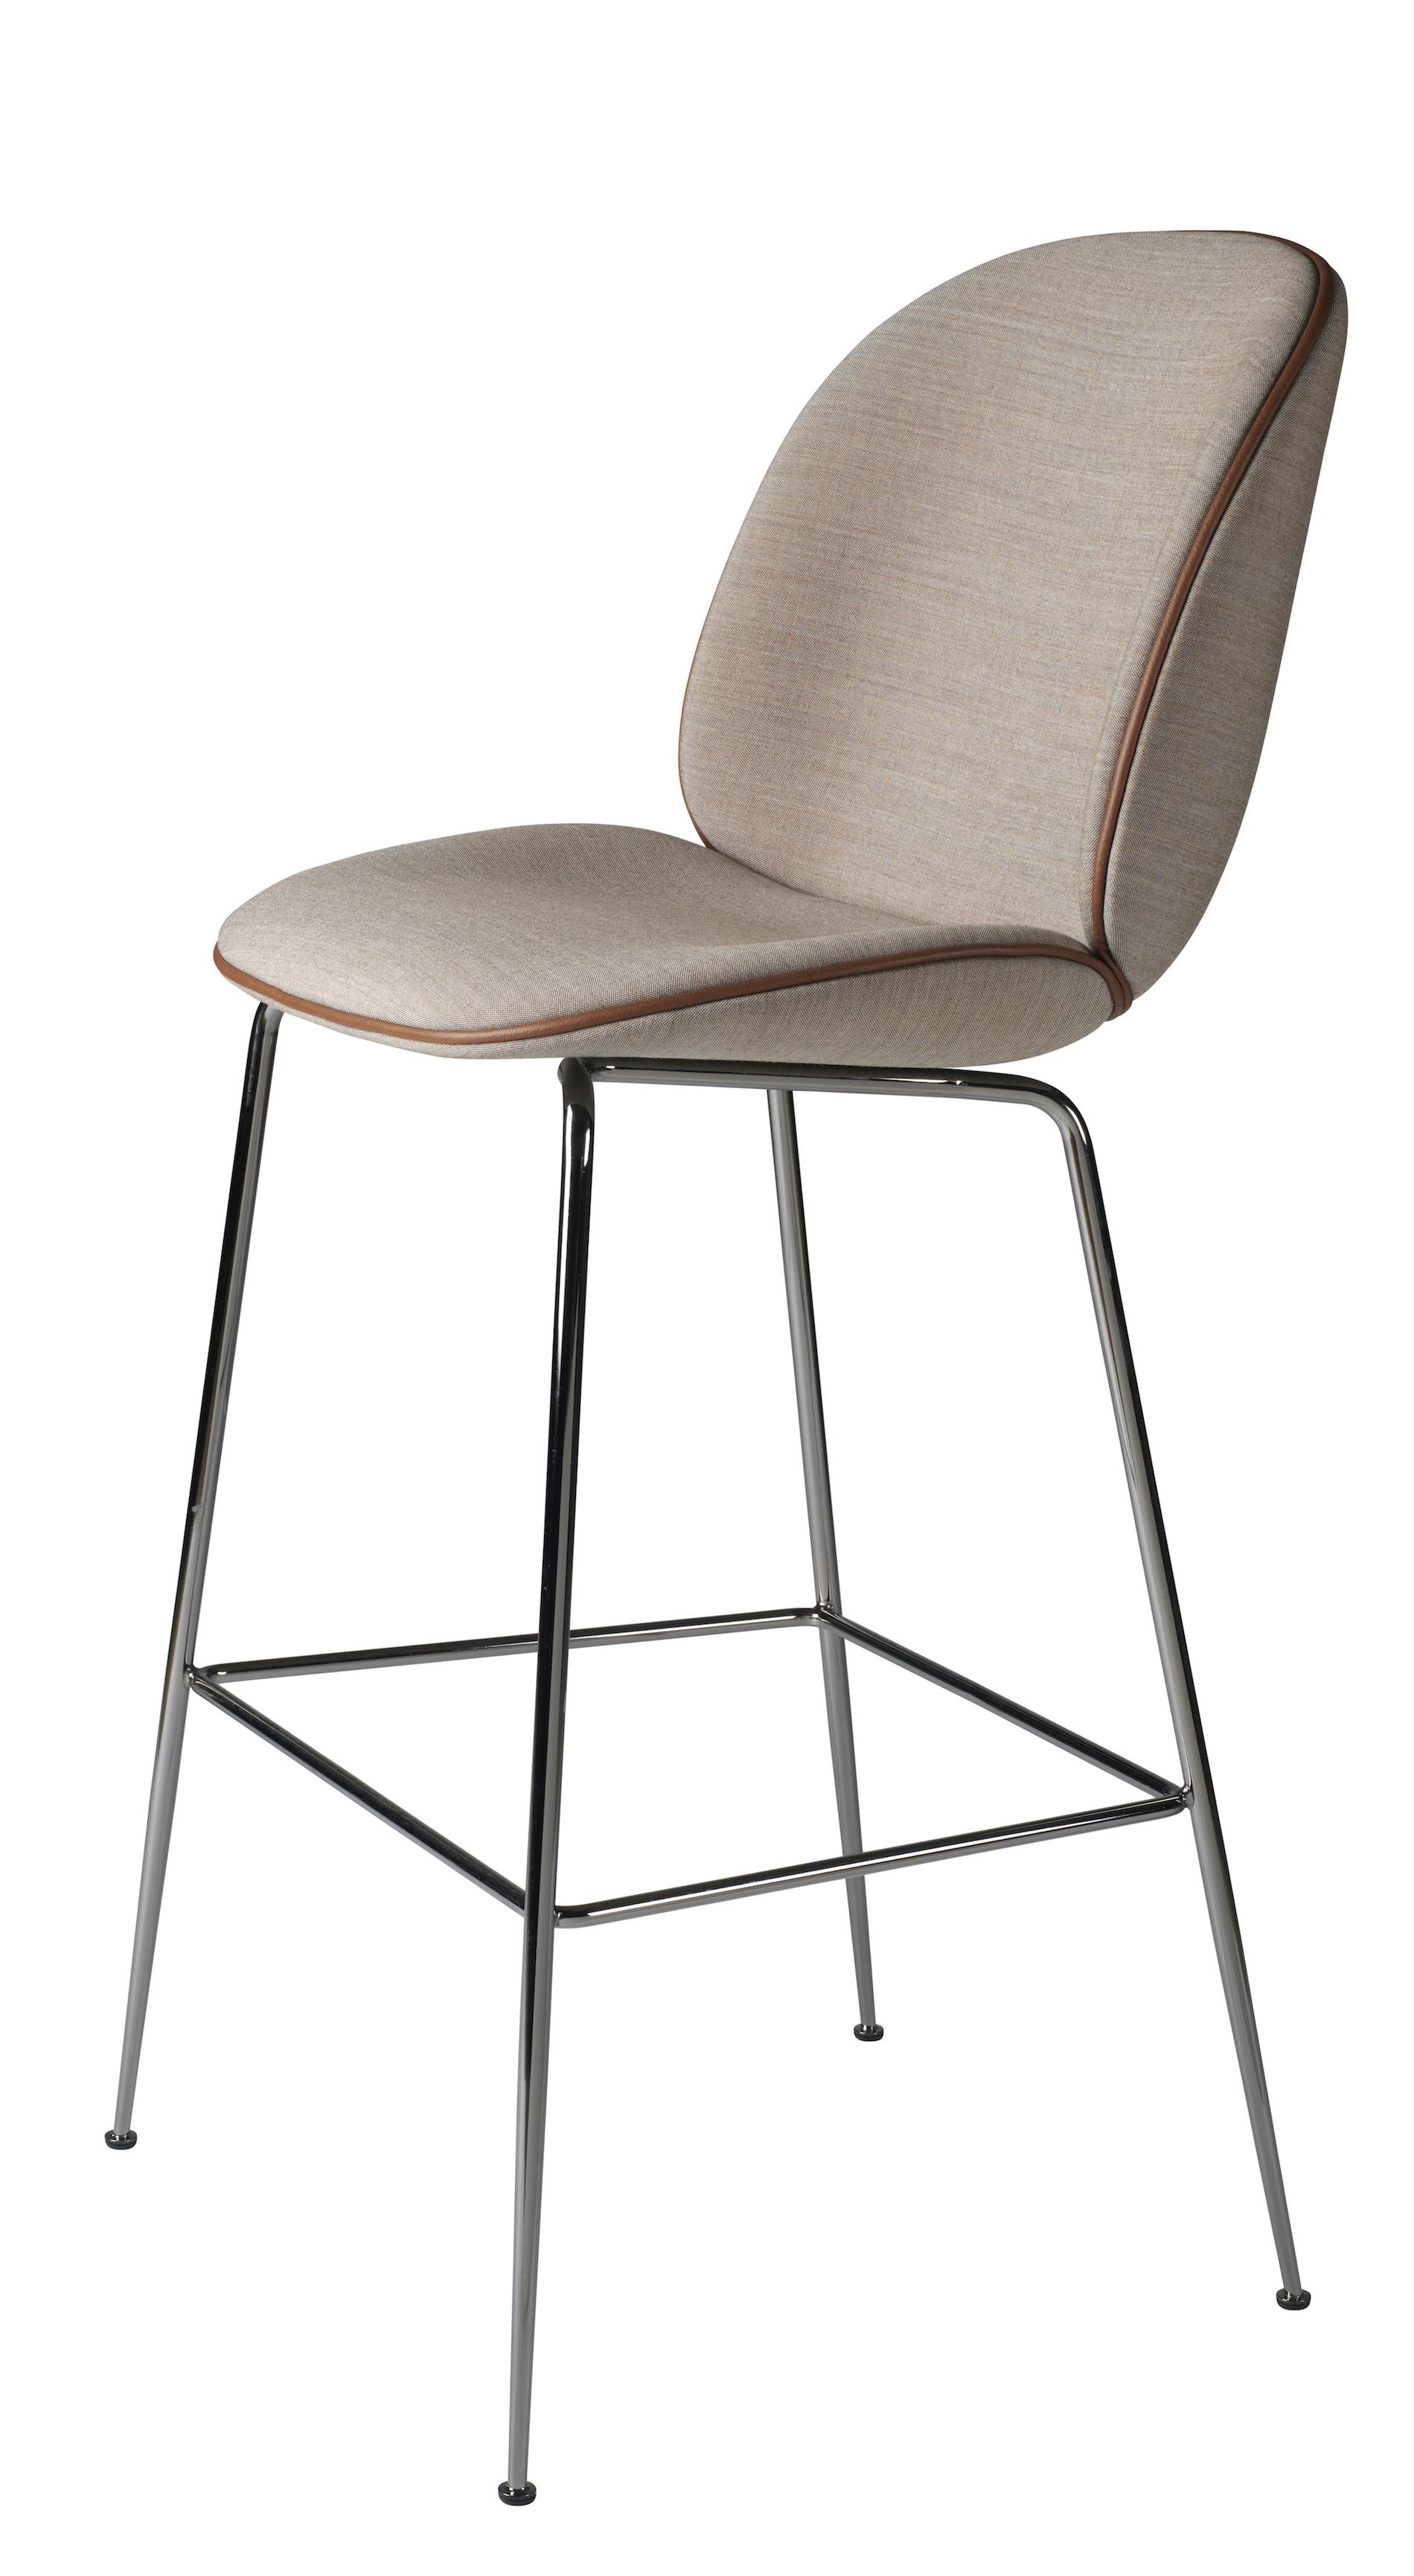 Gubi - Beetle Bar Chair – design GamFratesi